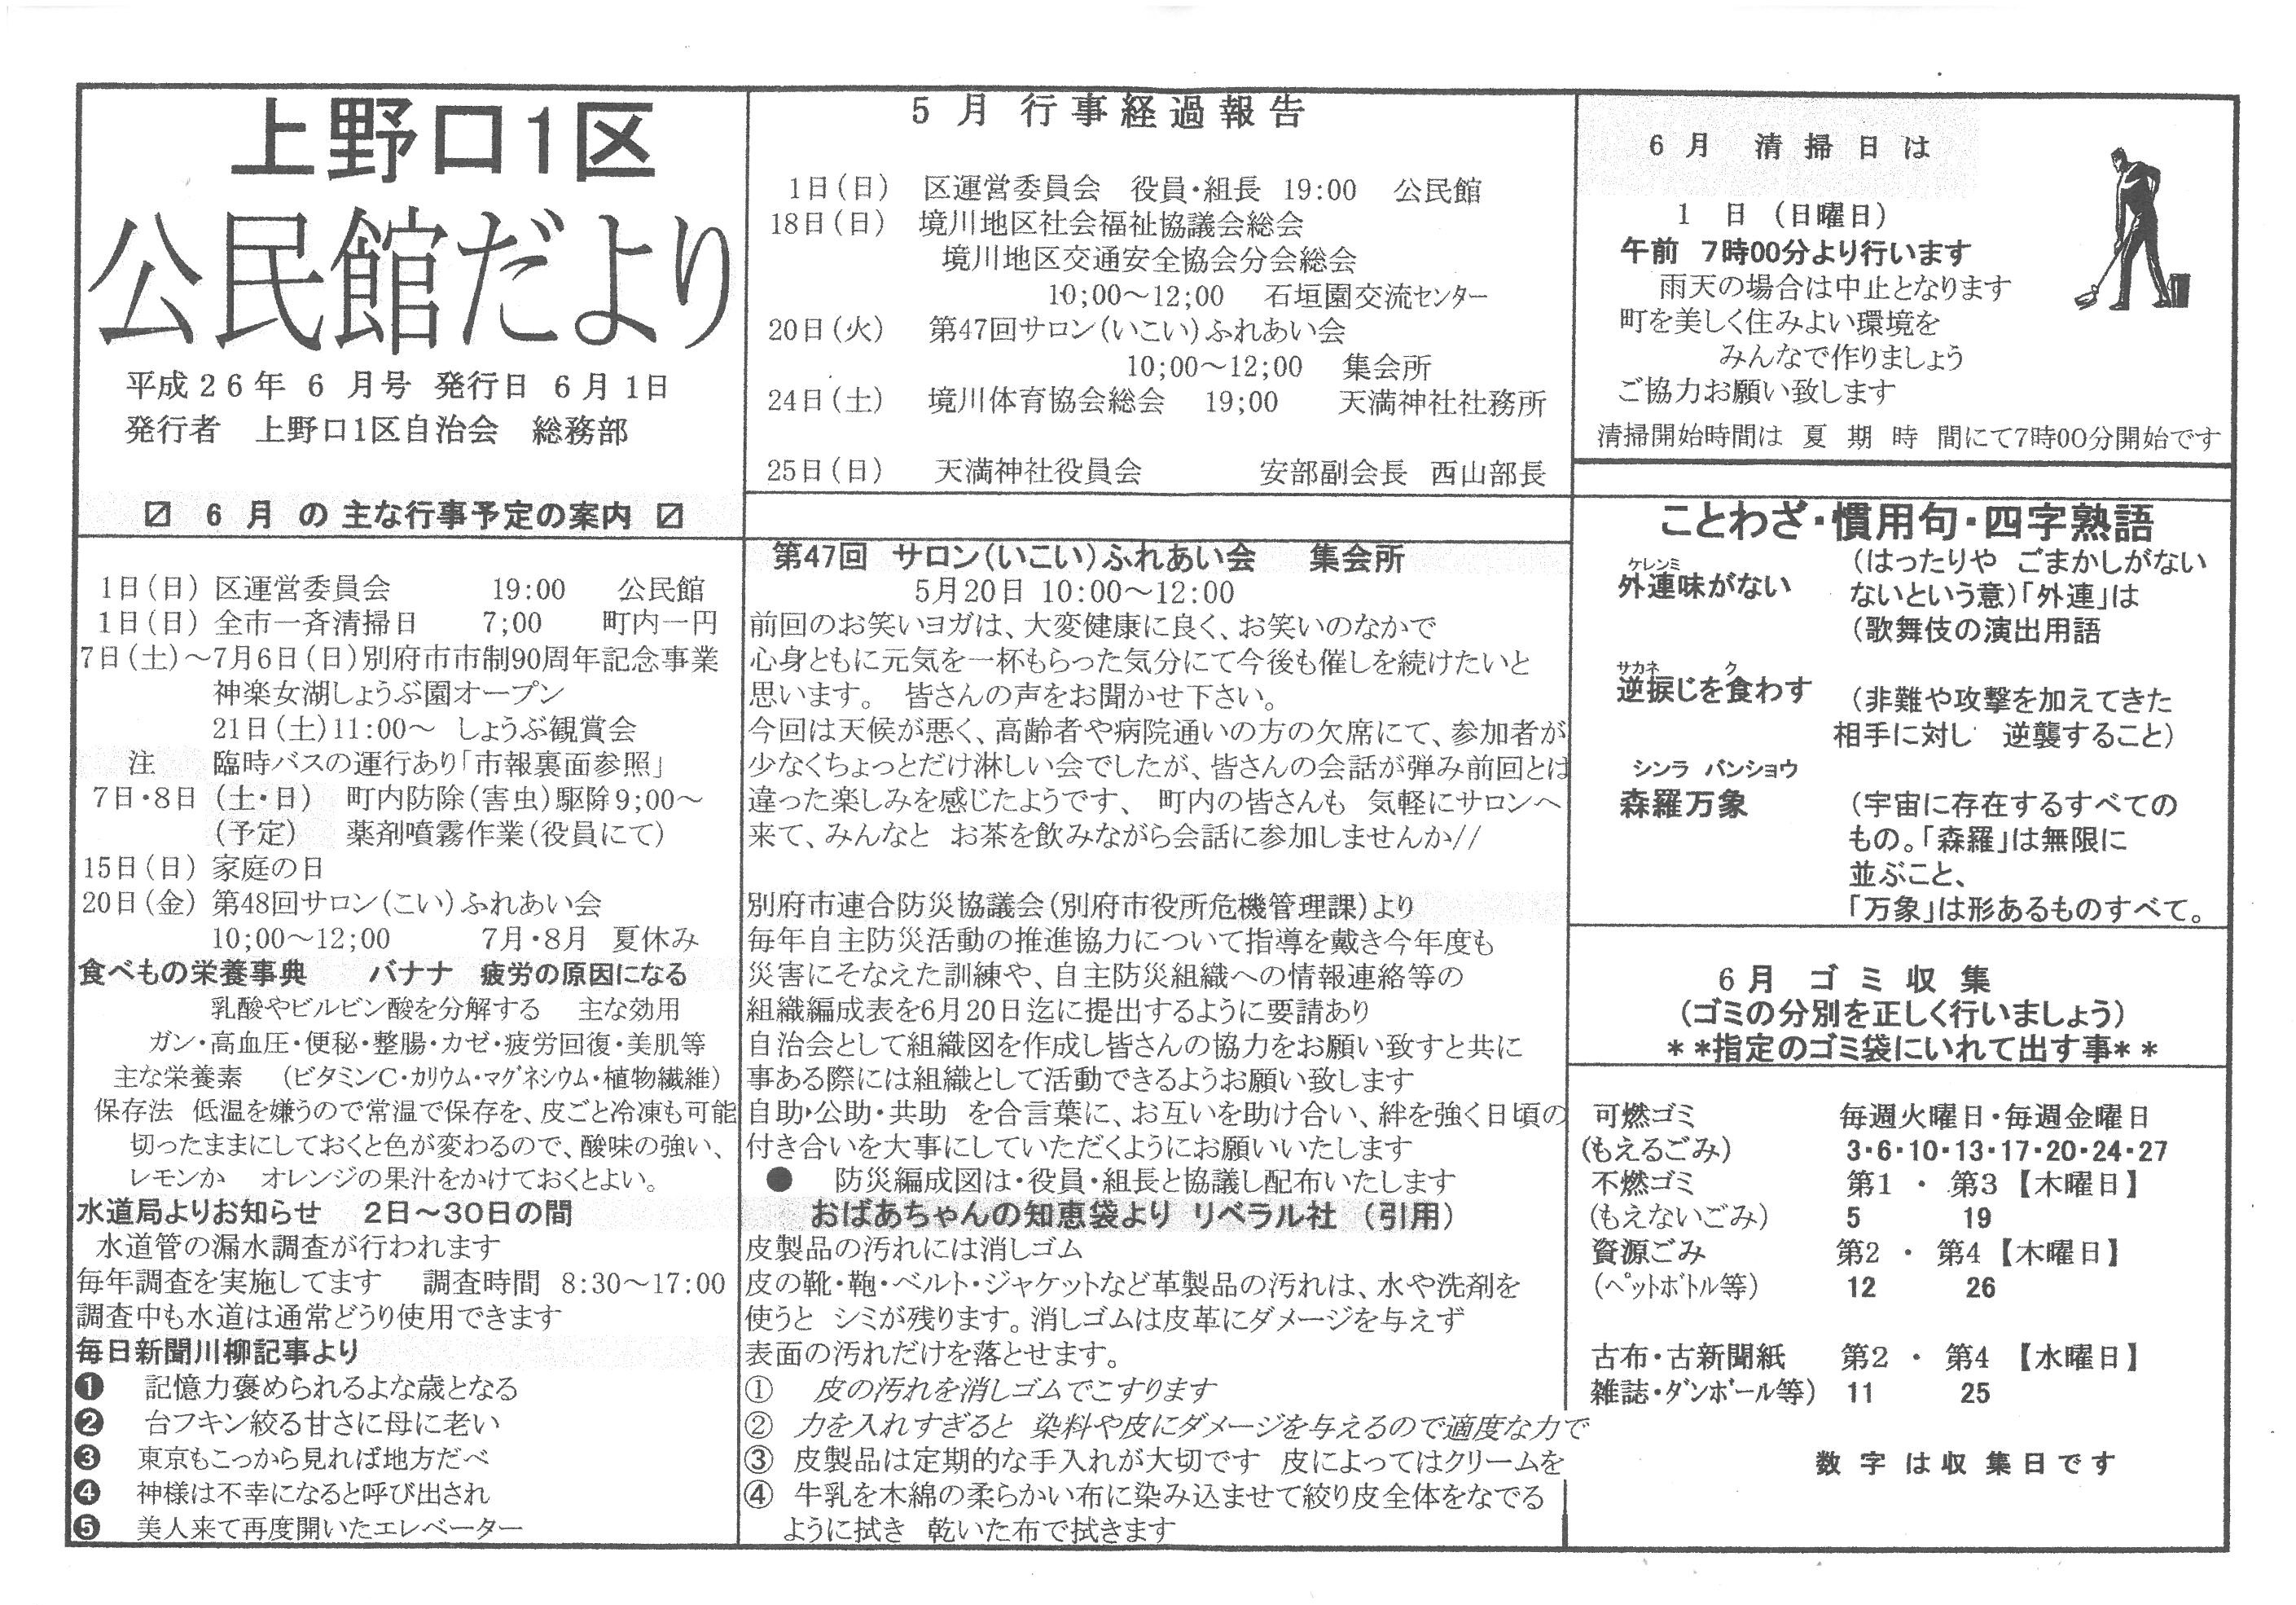 kaminoguchi1ku_2014_06